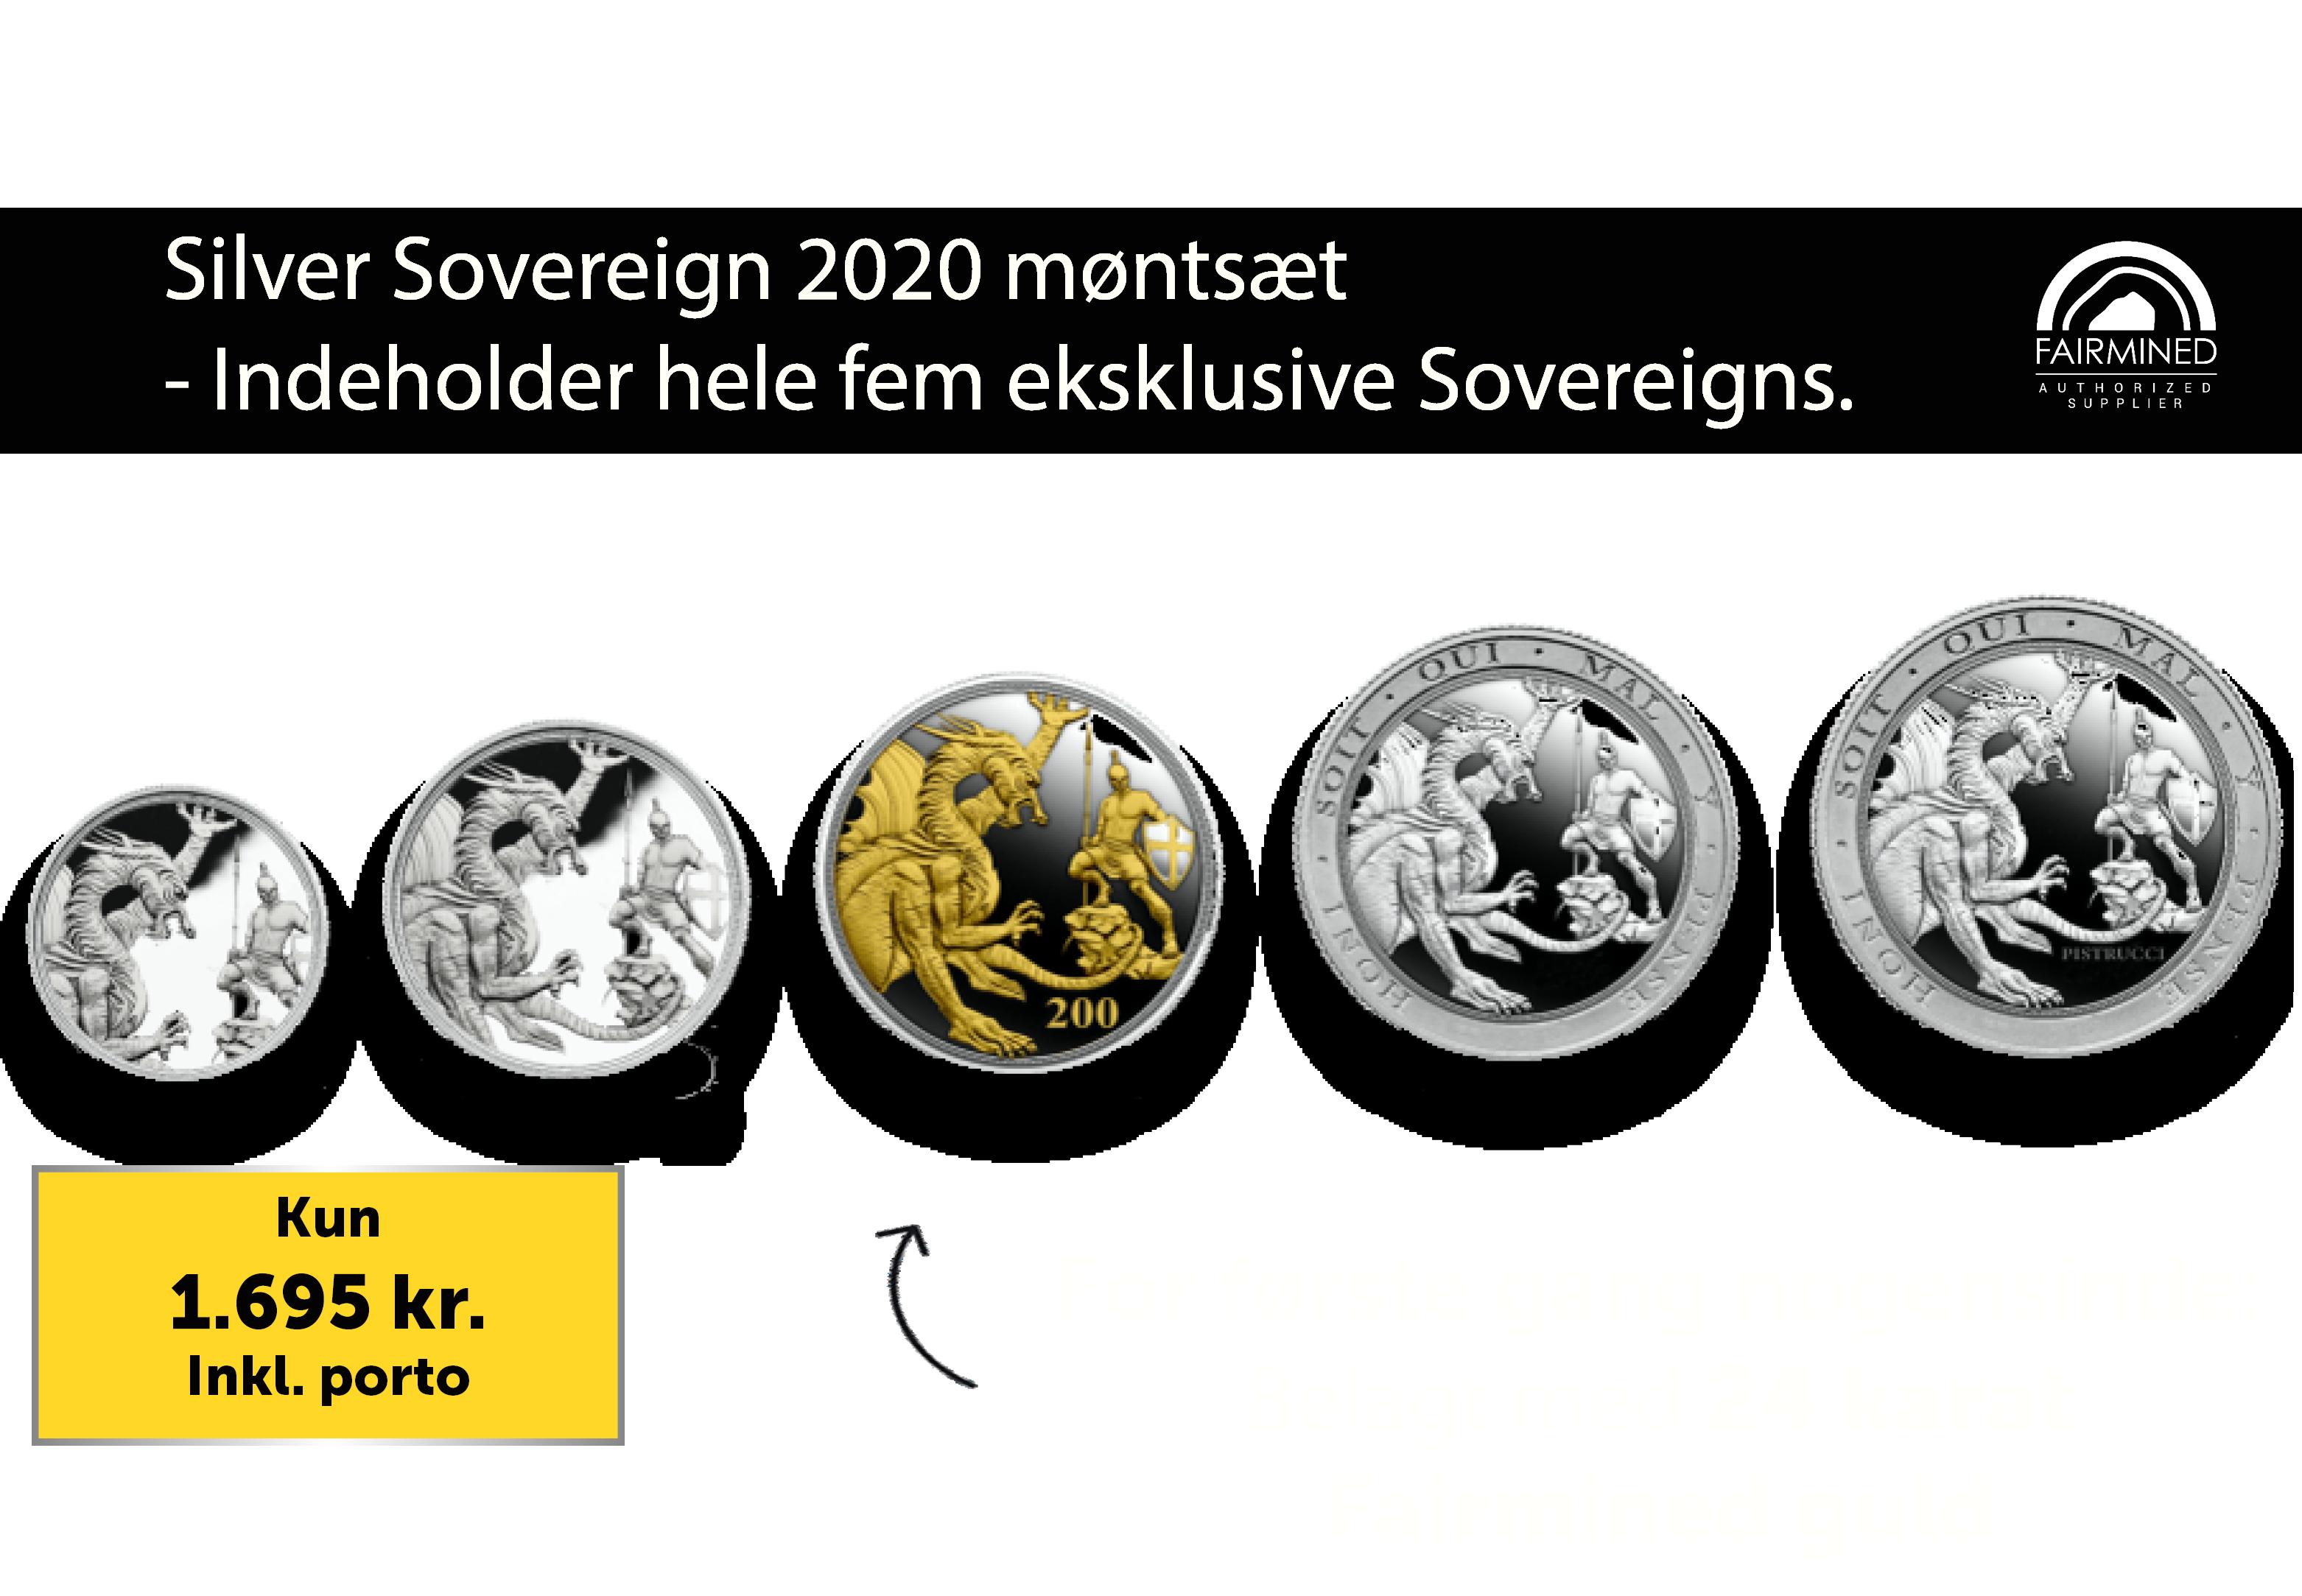 Silver Sovereign 2020 møntsæt som indeholder hele fem eksklusive Sovereigns.